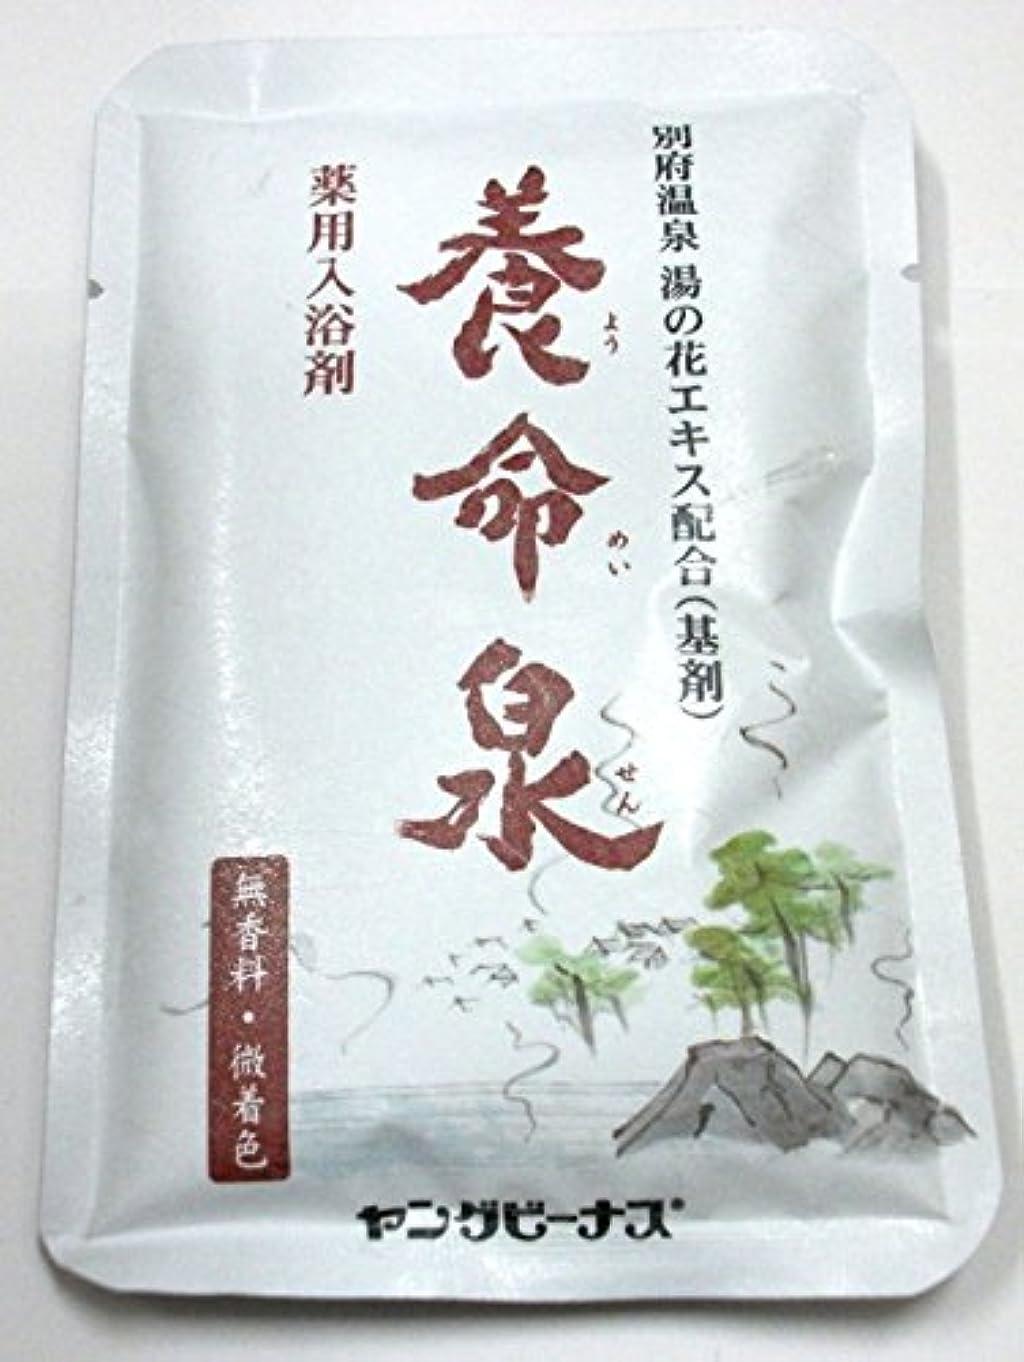 フック草スキップヤングビーナス薬品工業 薬用入浴剤 養命泉 60g